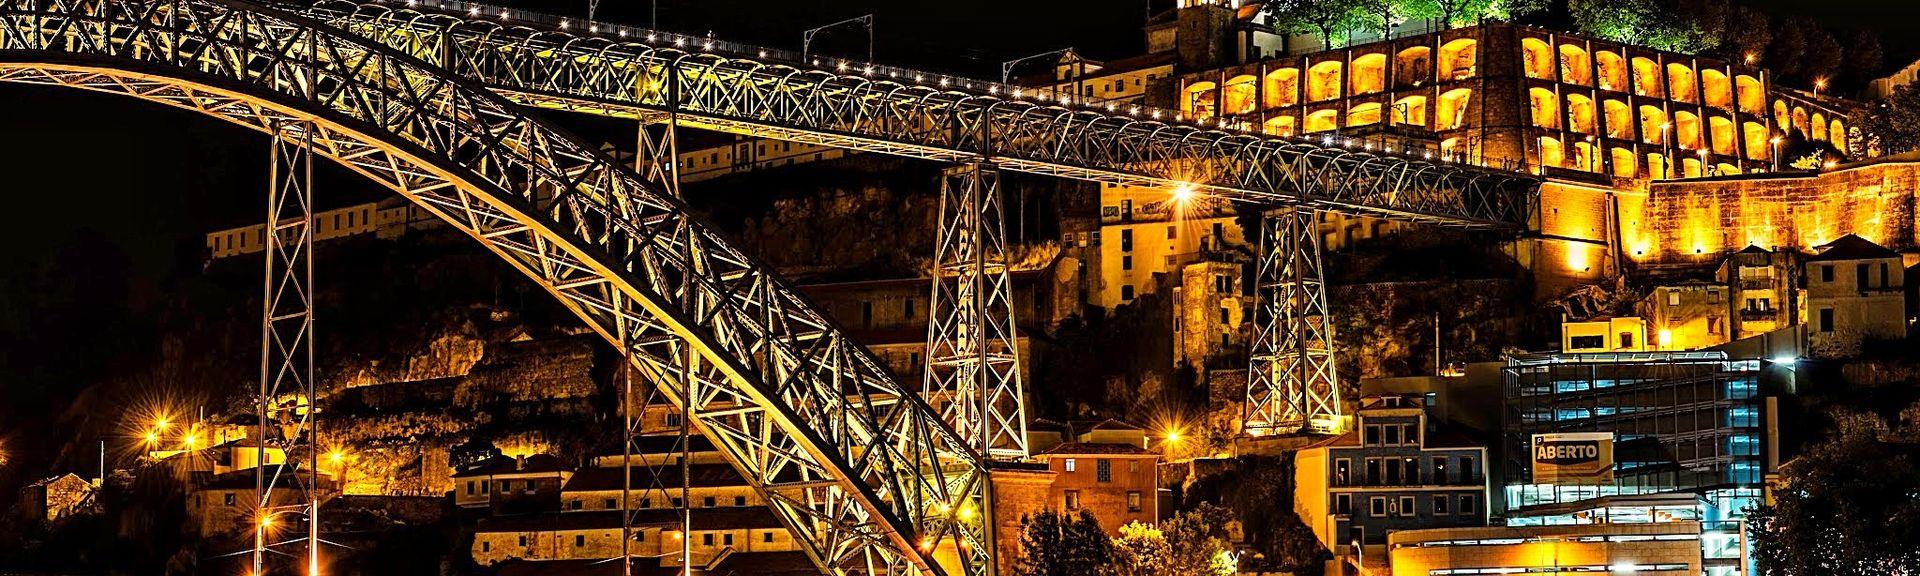 Miragaia, Porto, Distrito do Porto, Portugal